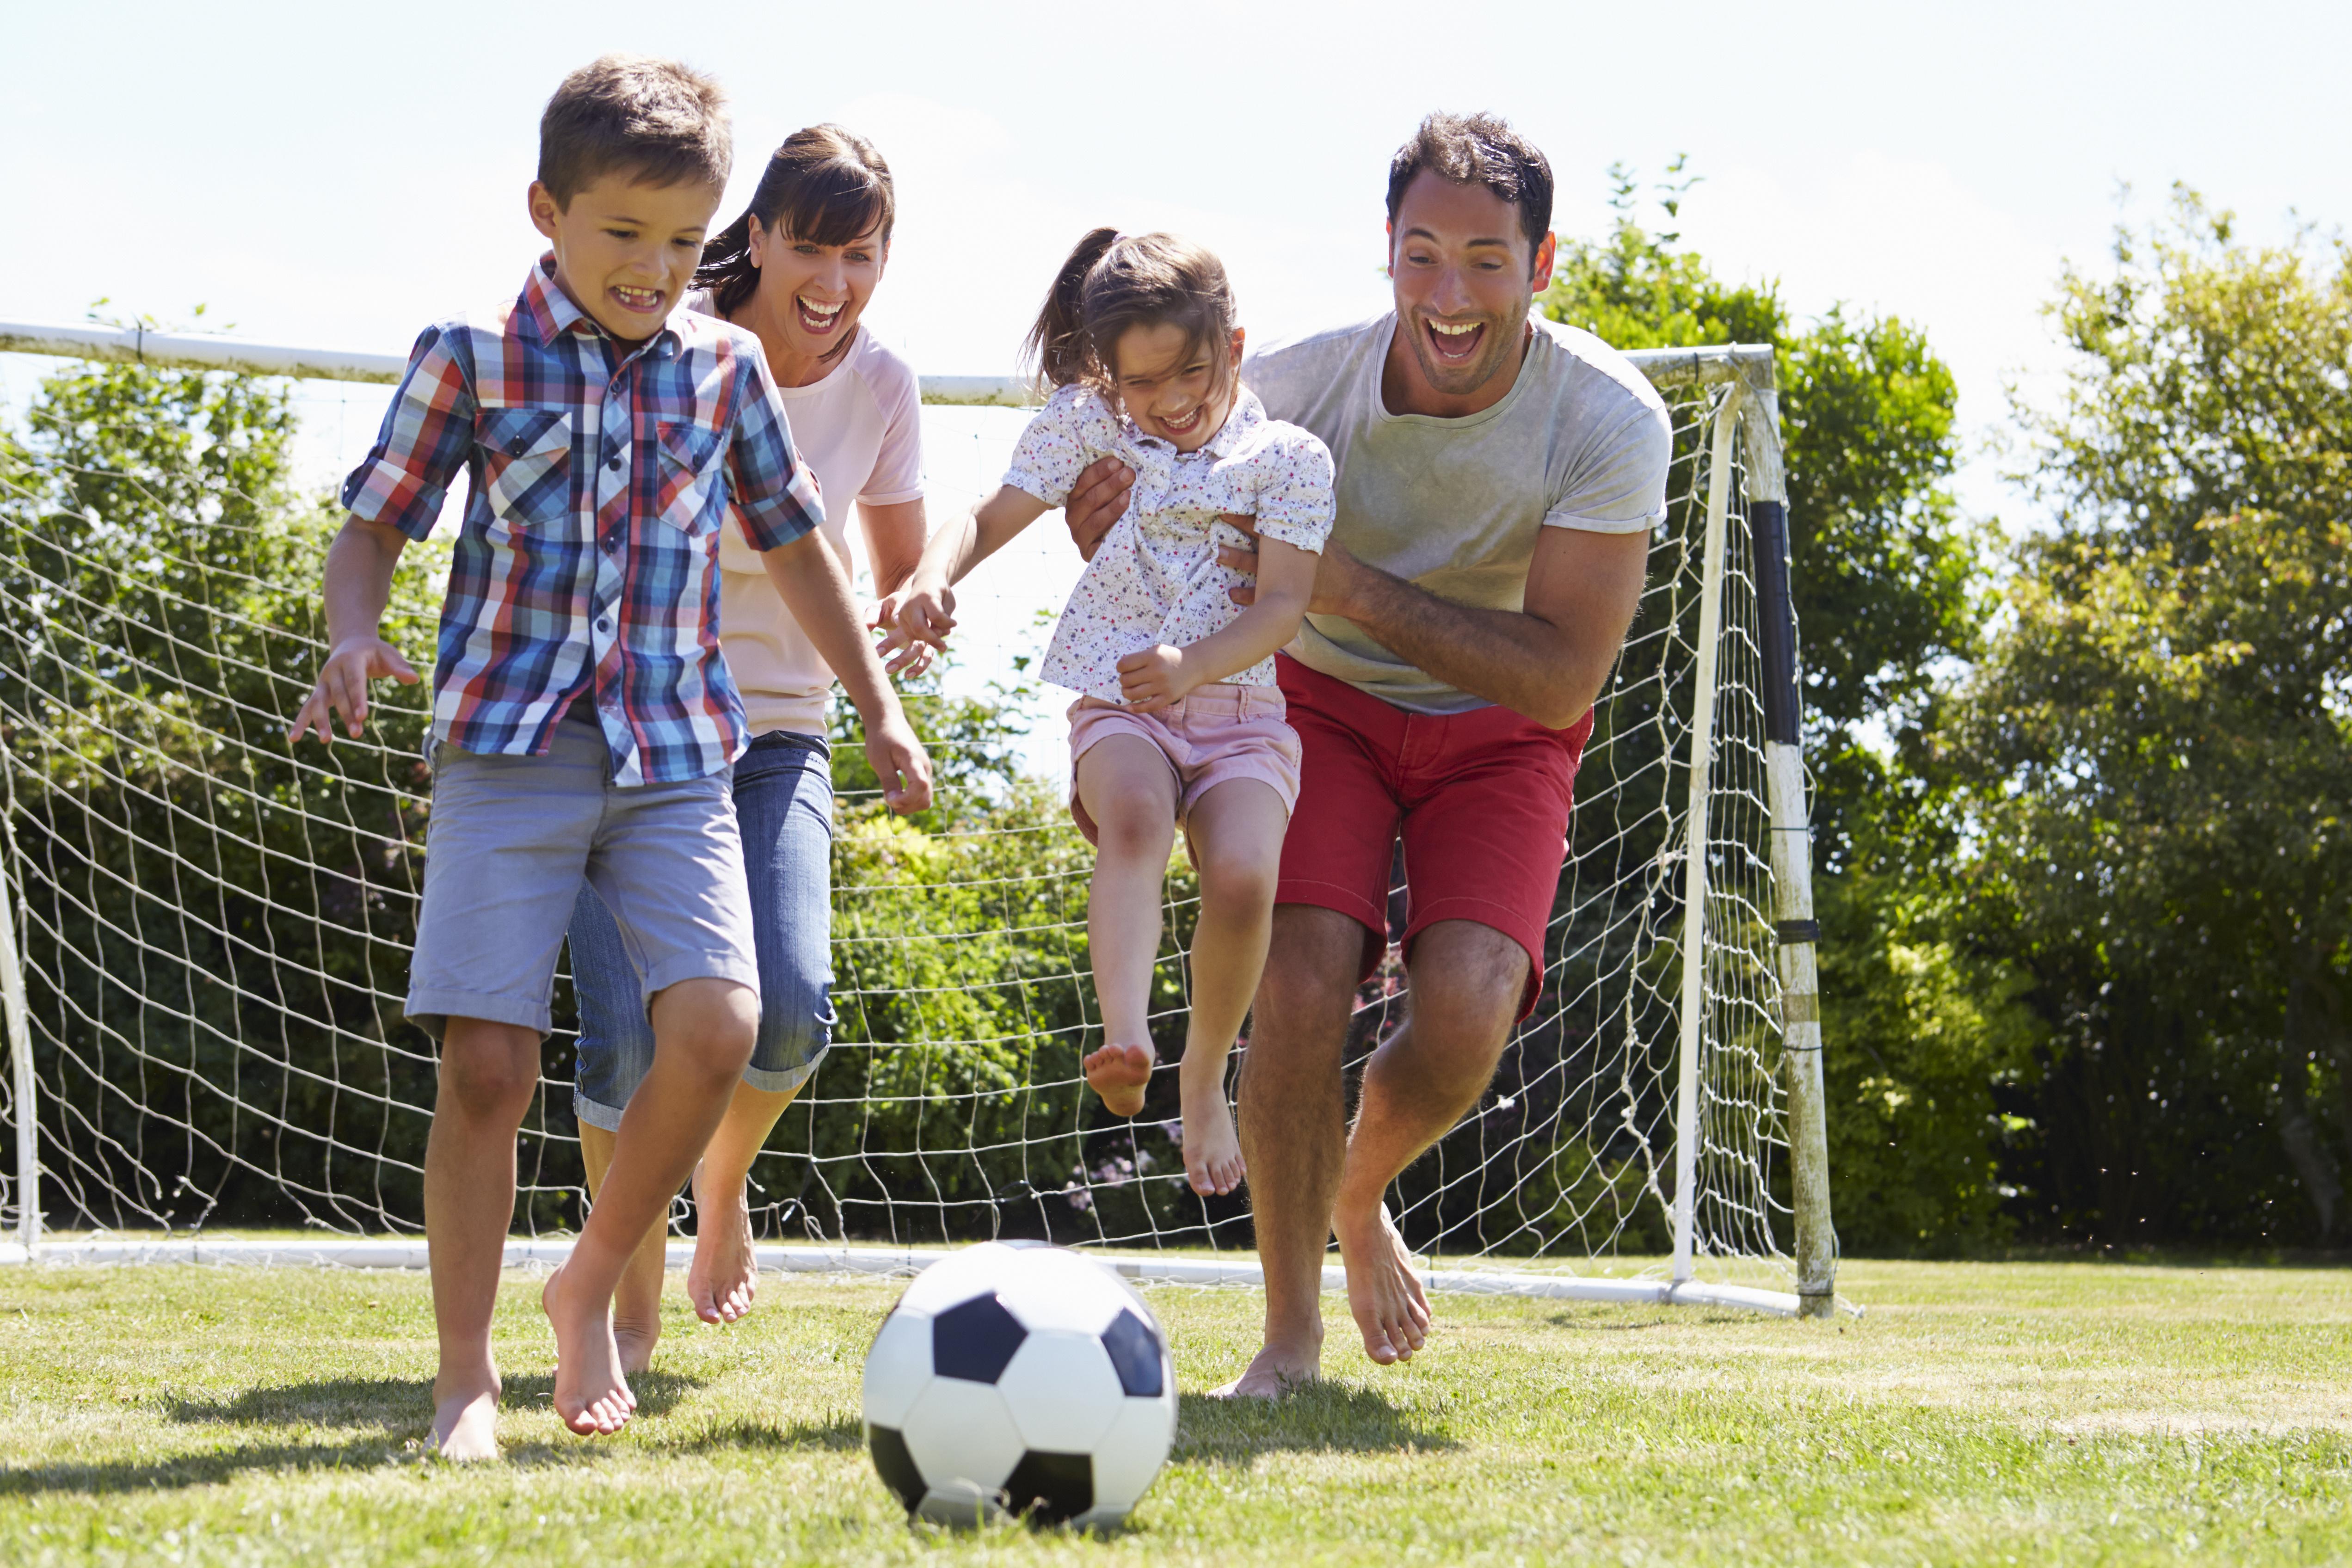 Familia jugando al fútbol en el jardín juntos